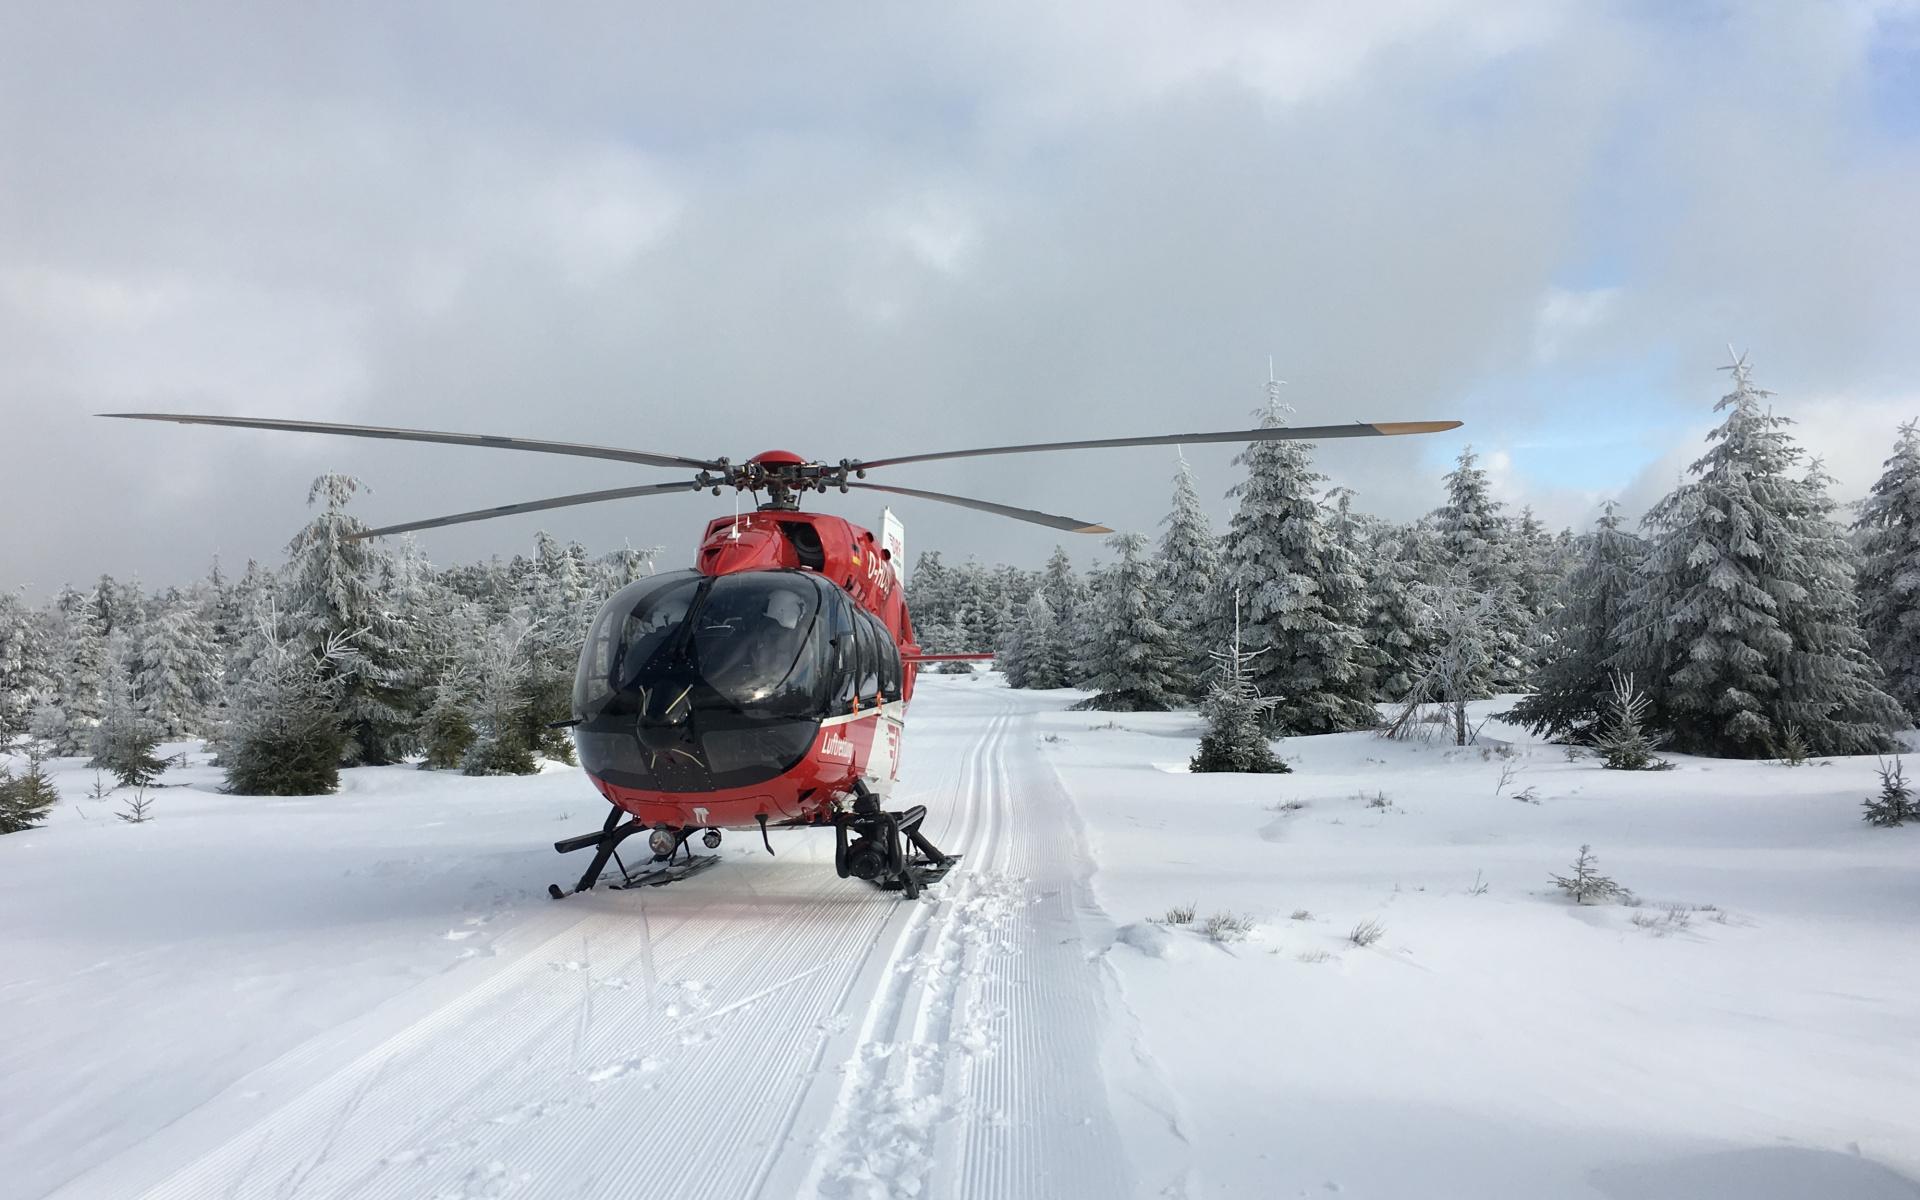 Landung auf der Loipe: Christoph 11 wurde alarmiert, um unterkühlten Langläufer in eine Klinik zu fliegen.